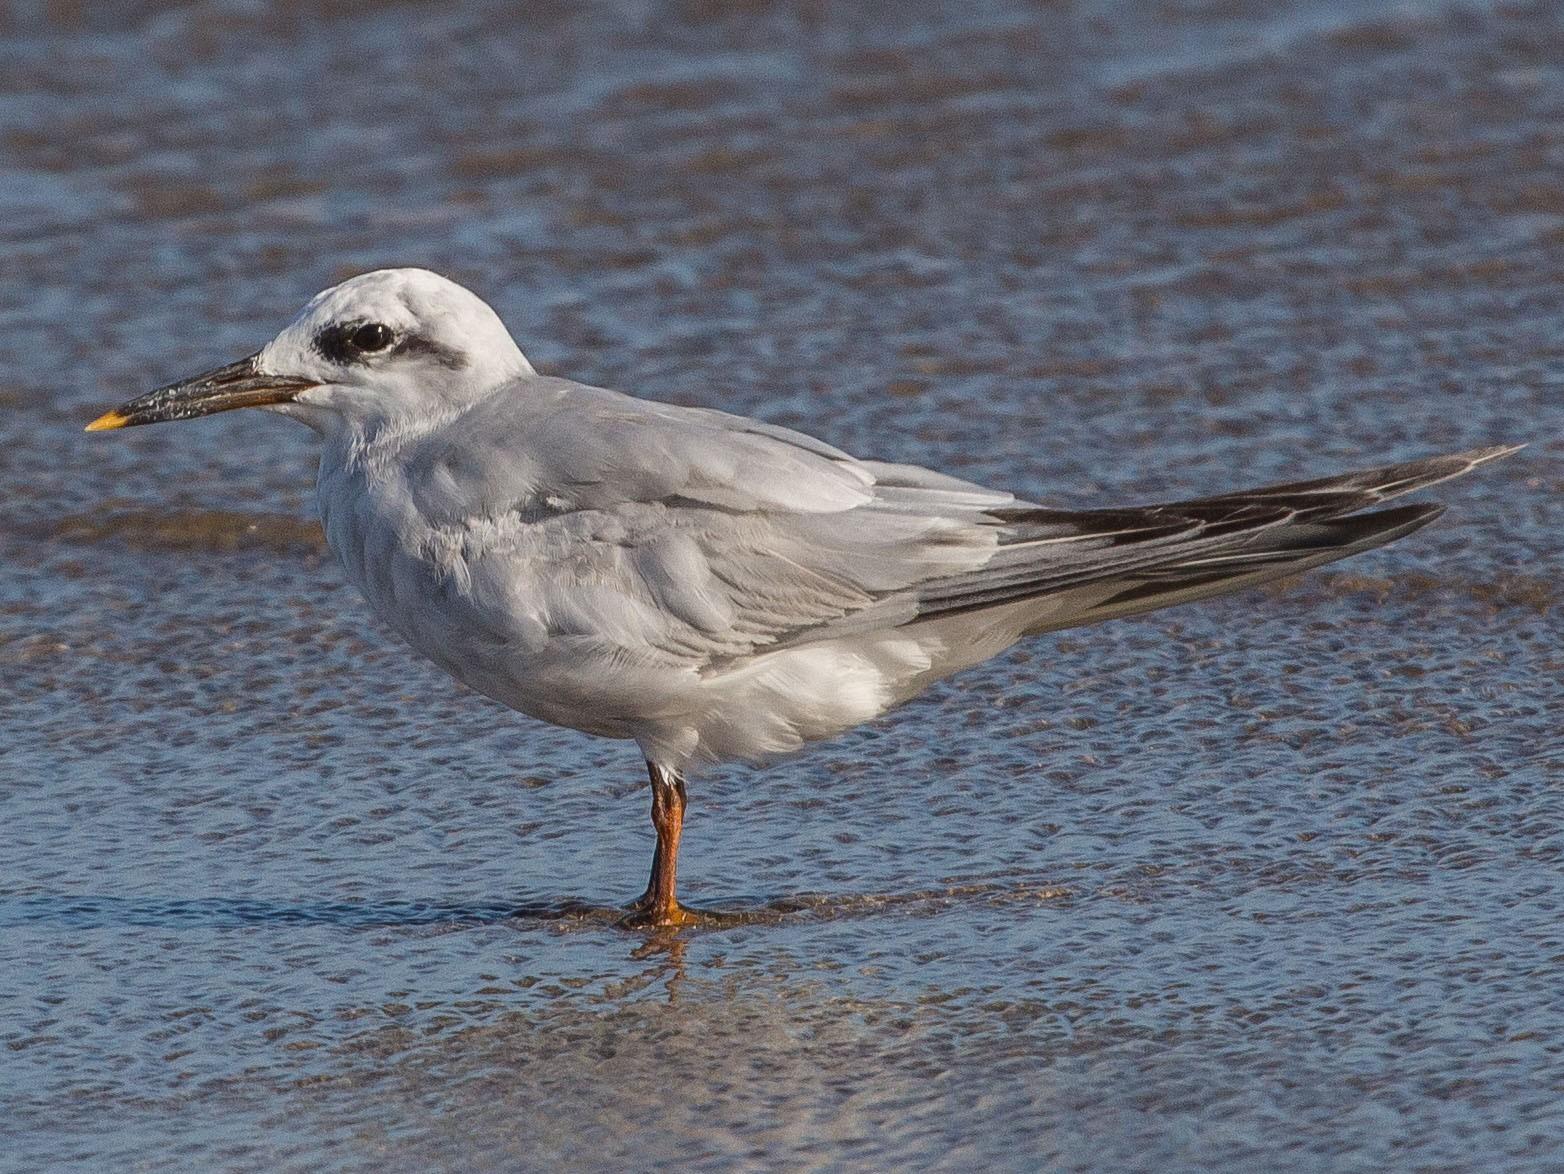 Snowy-crowned Tern - Fernando  Jacobs